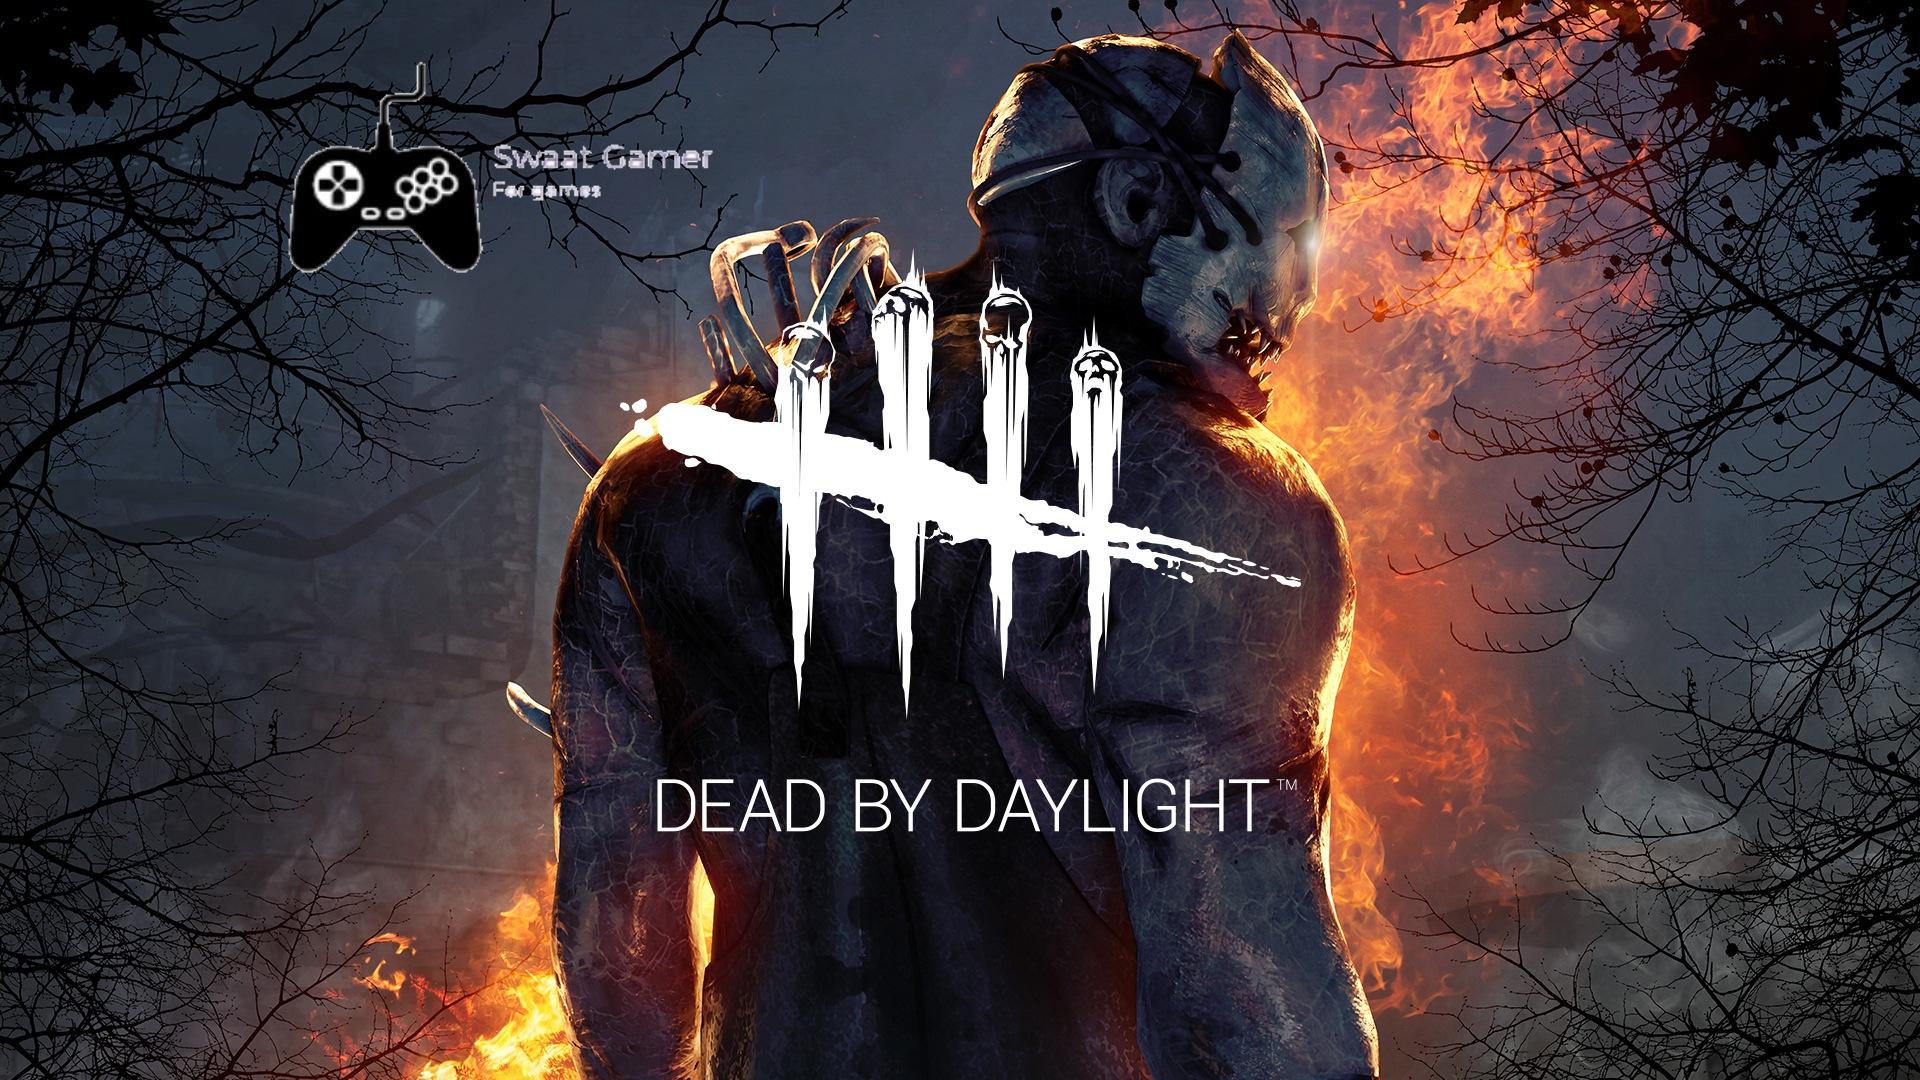 تحميل لعبة dead by daylight للكمبيوتر